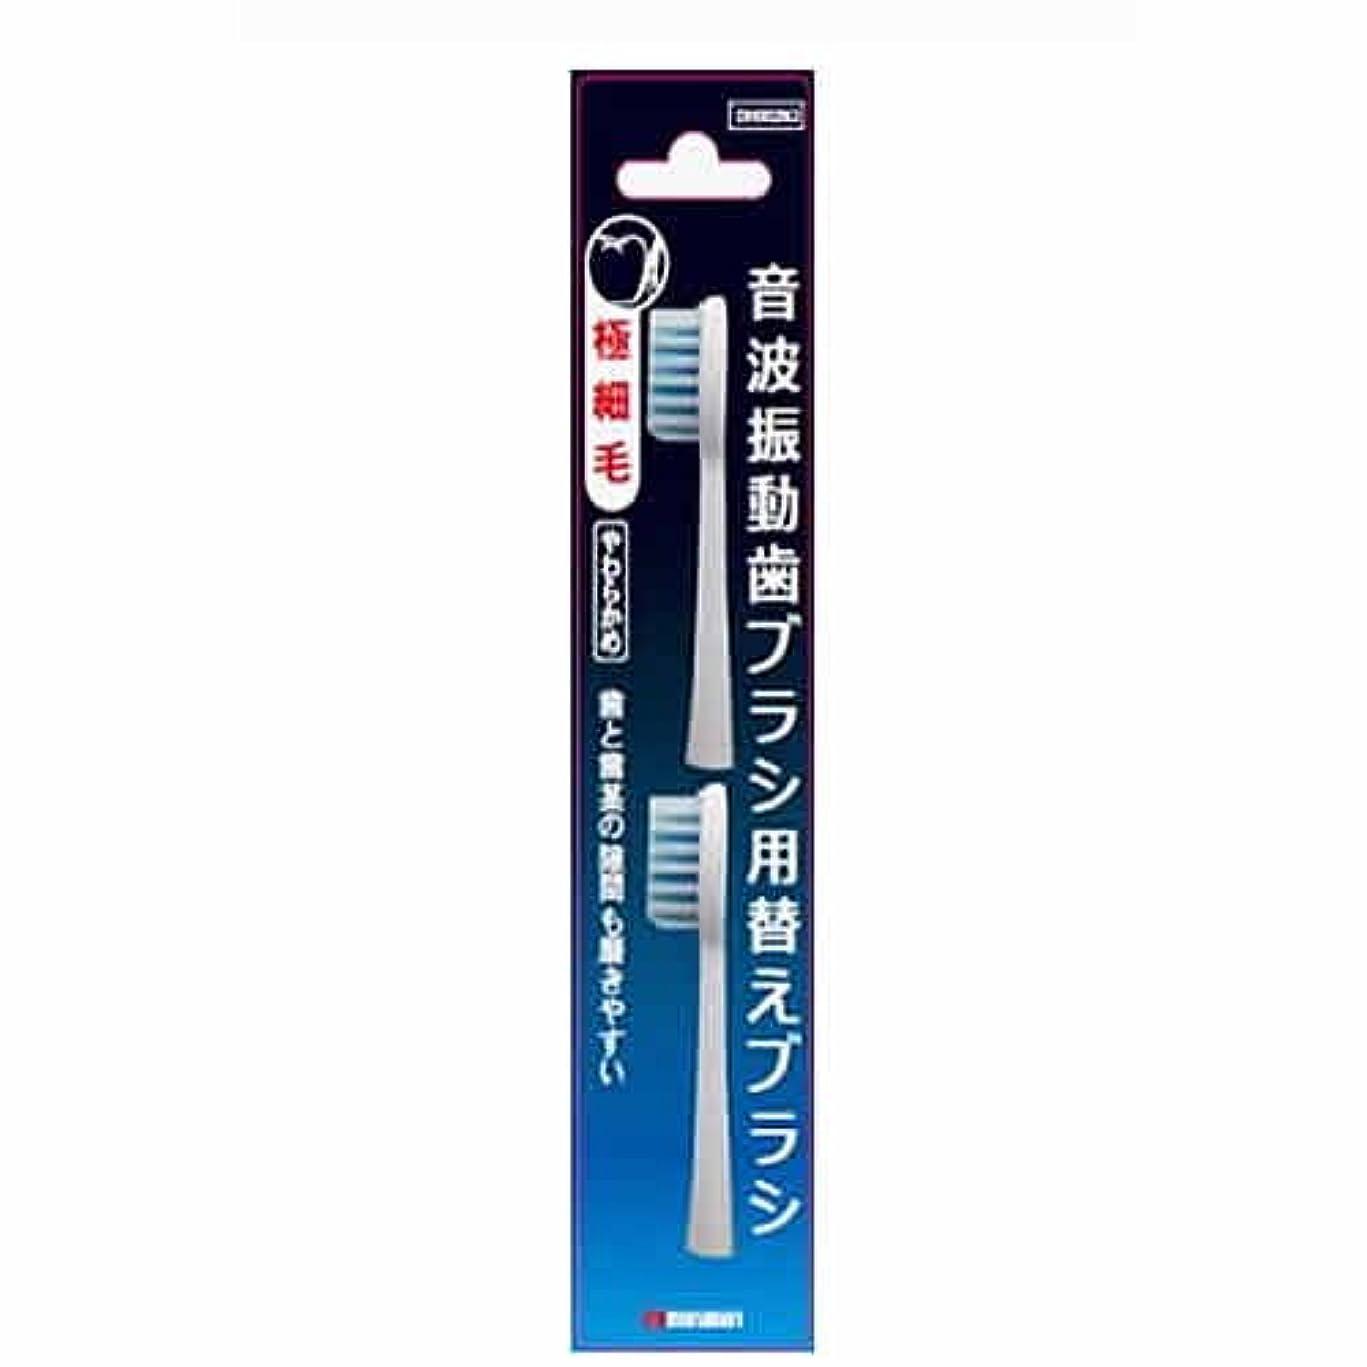 灌漑マウントバンク警告マルマン 電動歯ブラシ ミニモ/プロソニック1/プロソニック2/プロソニック3 対応 替えブラシ 極細毛 DK002N2 2本組